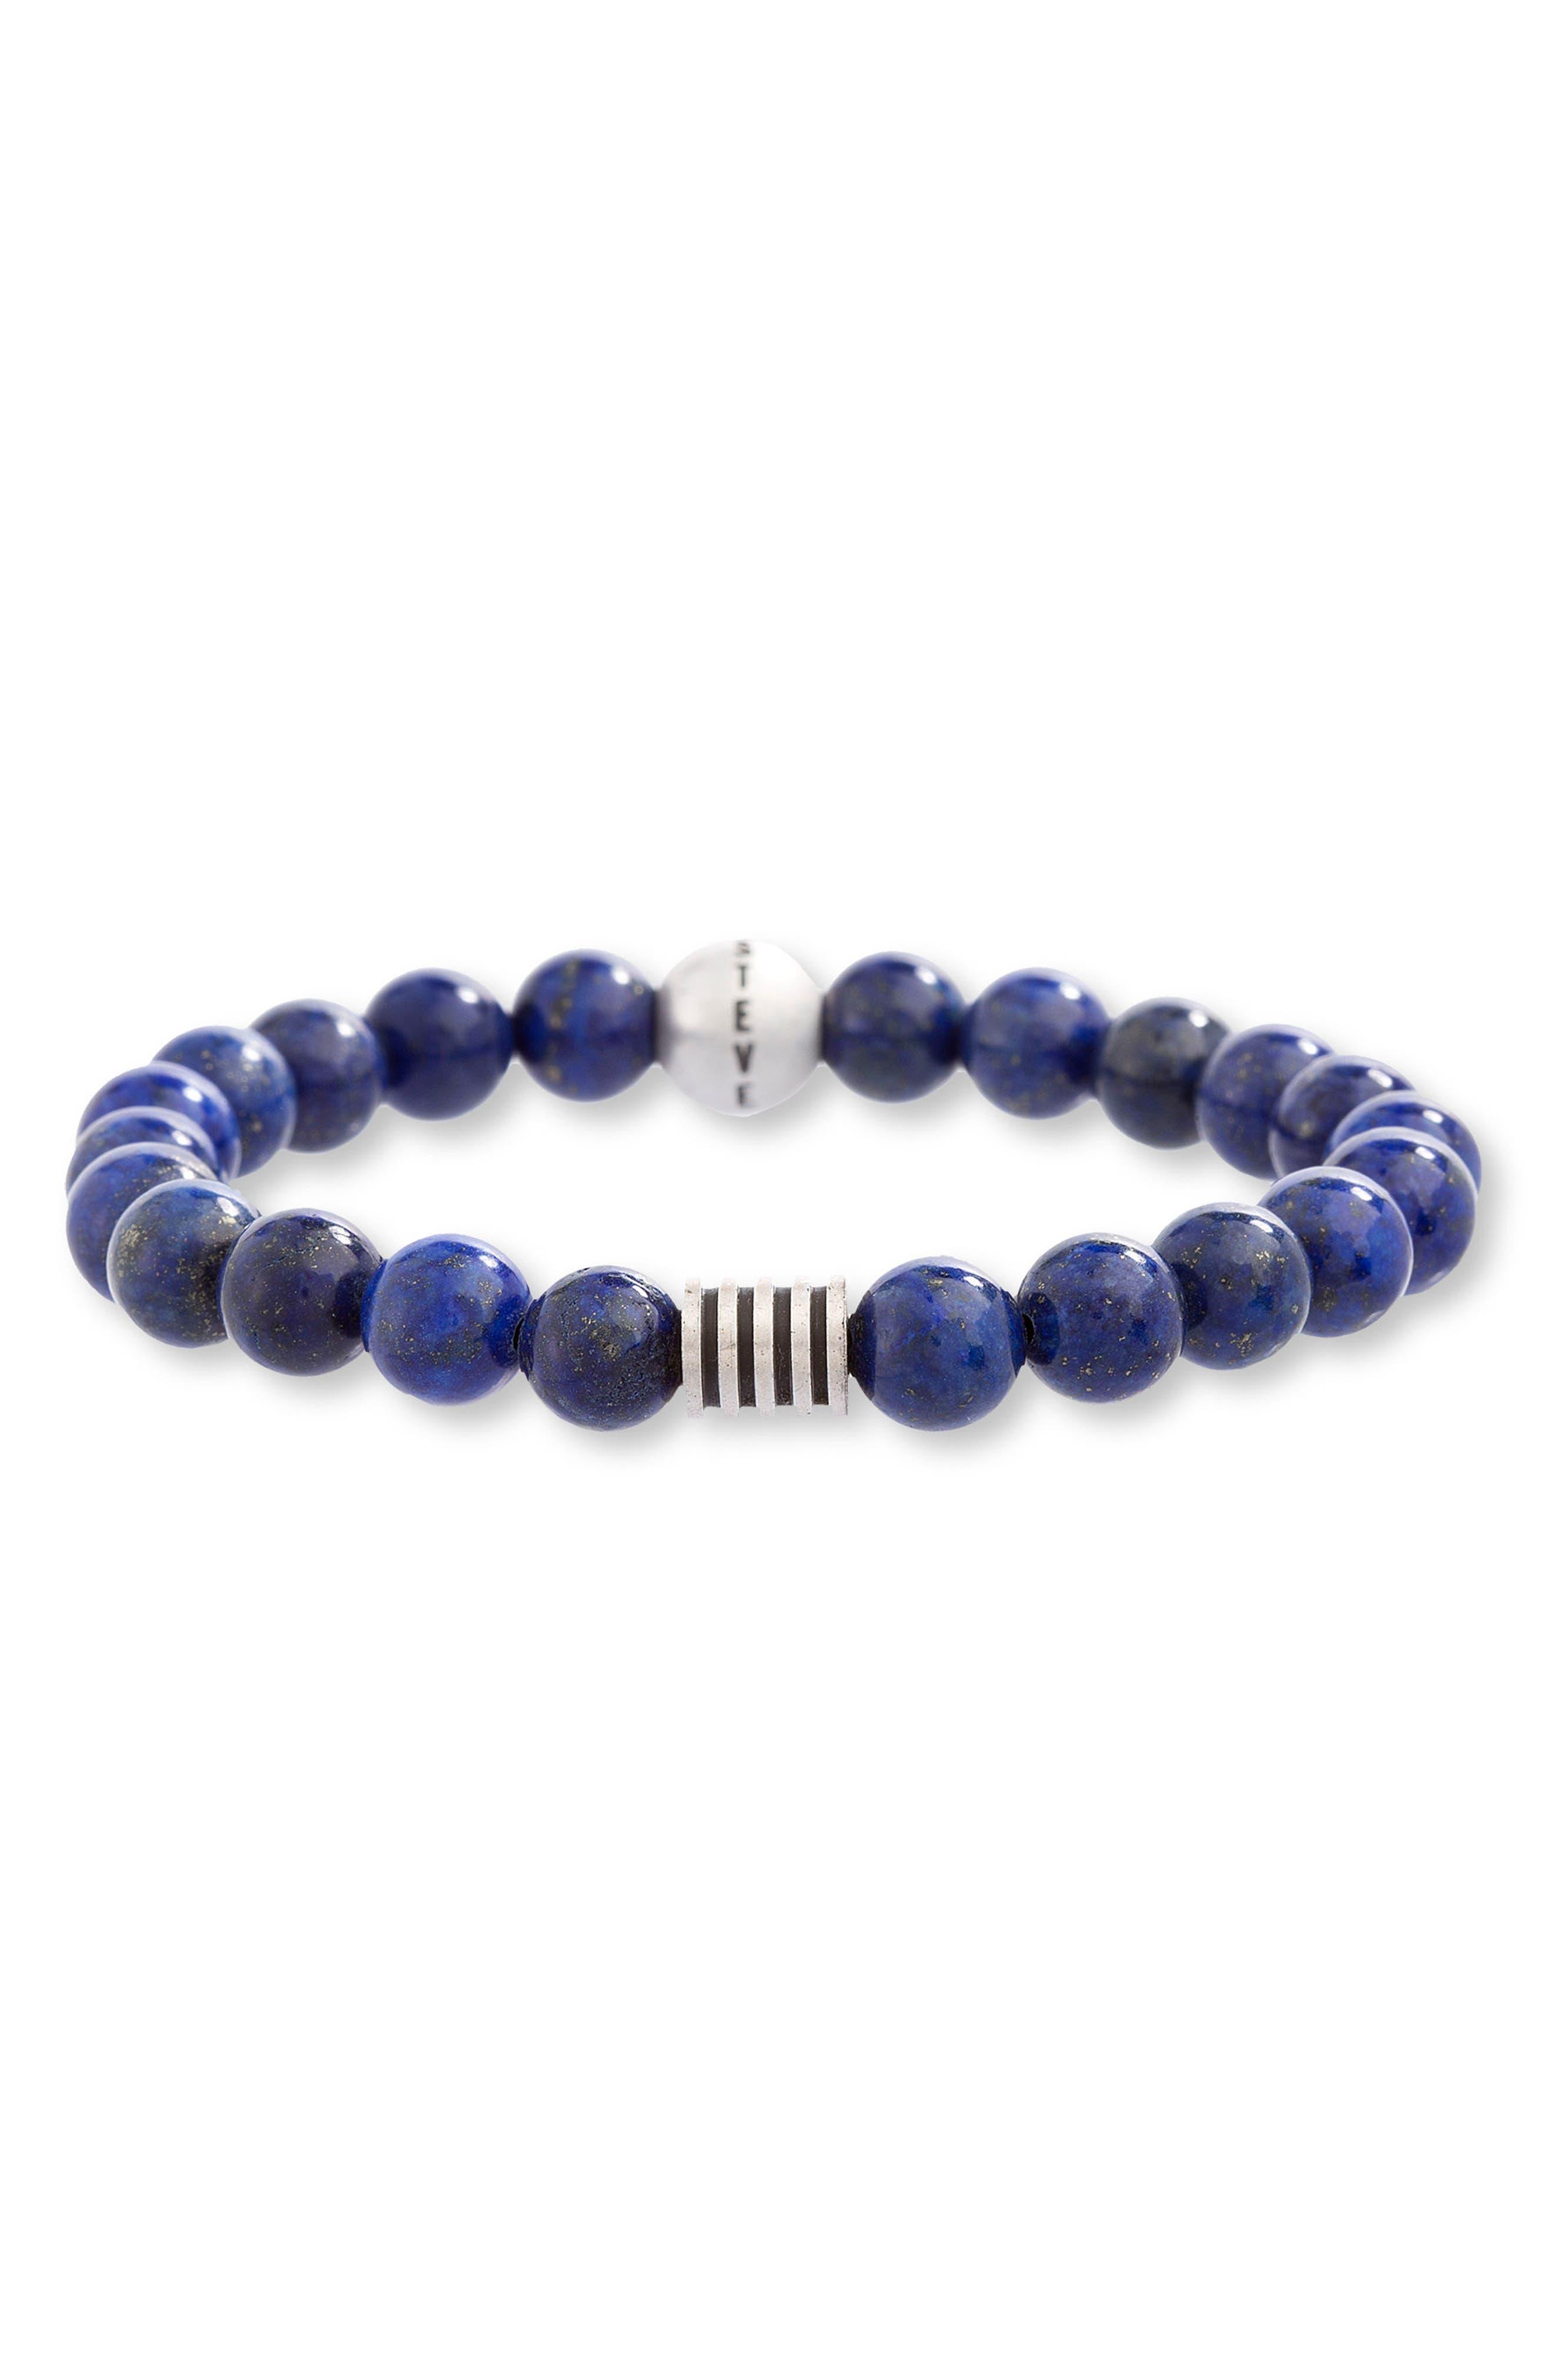 Lapis Lazuli Bead Bracelet,                         Main,                         color, 400